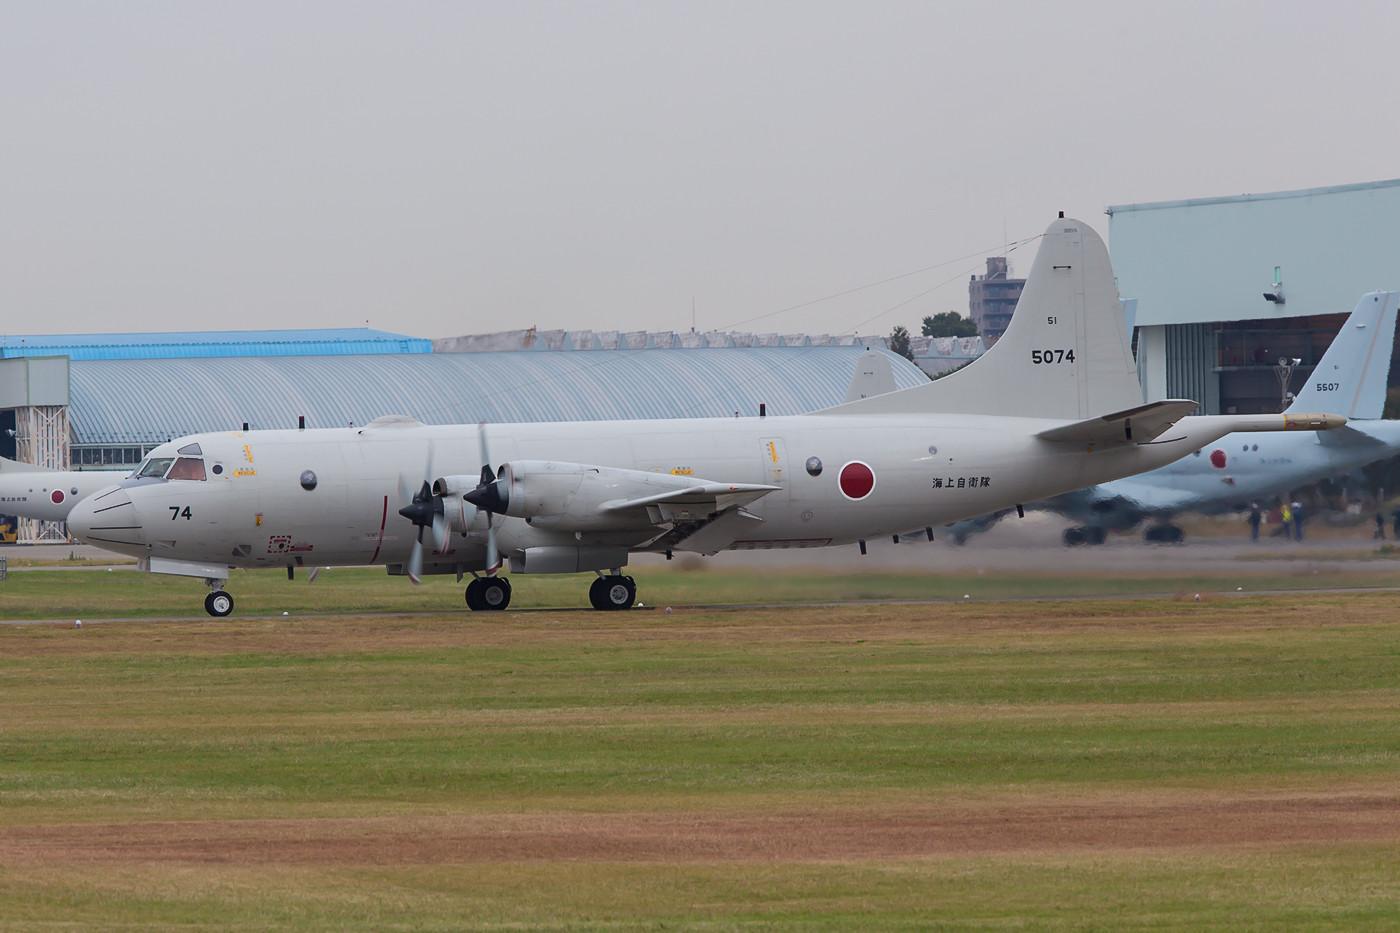 Als Inselstaat benötigt Japan eine recht grosse Zahl an maritimen Überwachungsflugzeugen. Bisher lag diese Aufgabe bei den P-3C Orion.